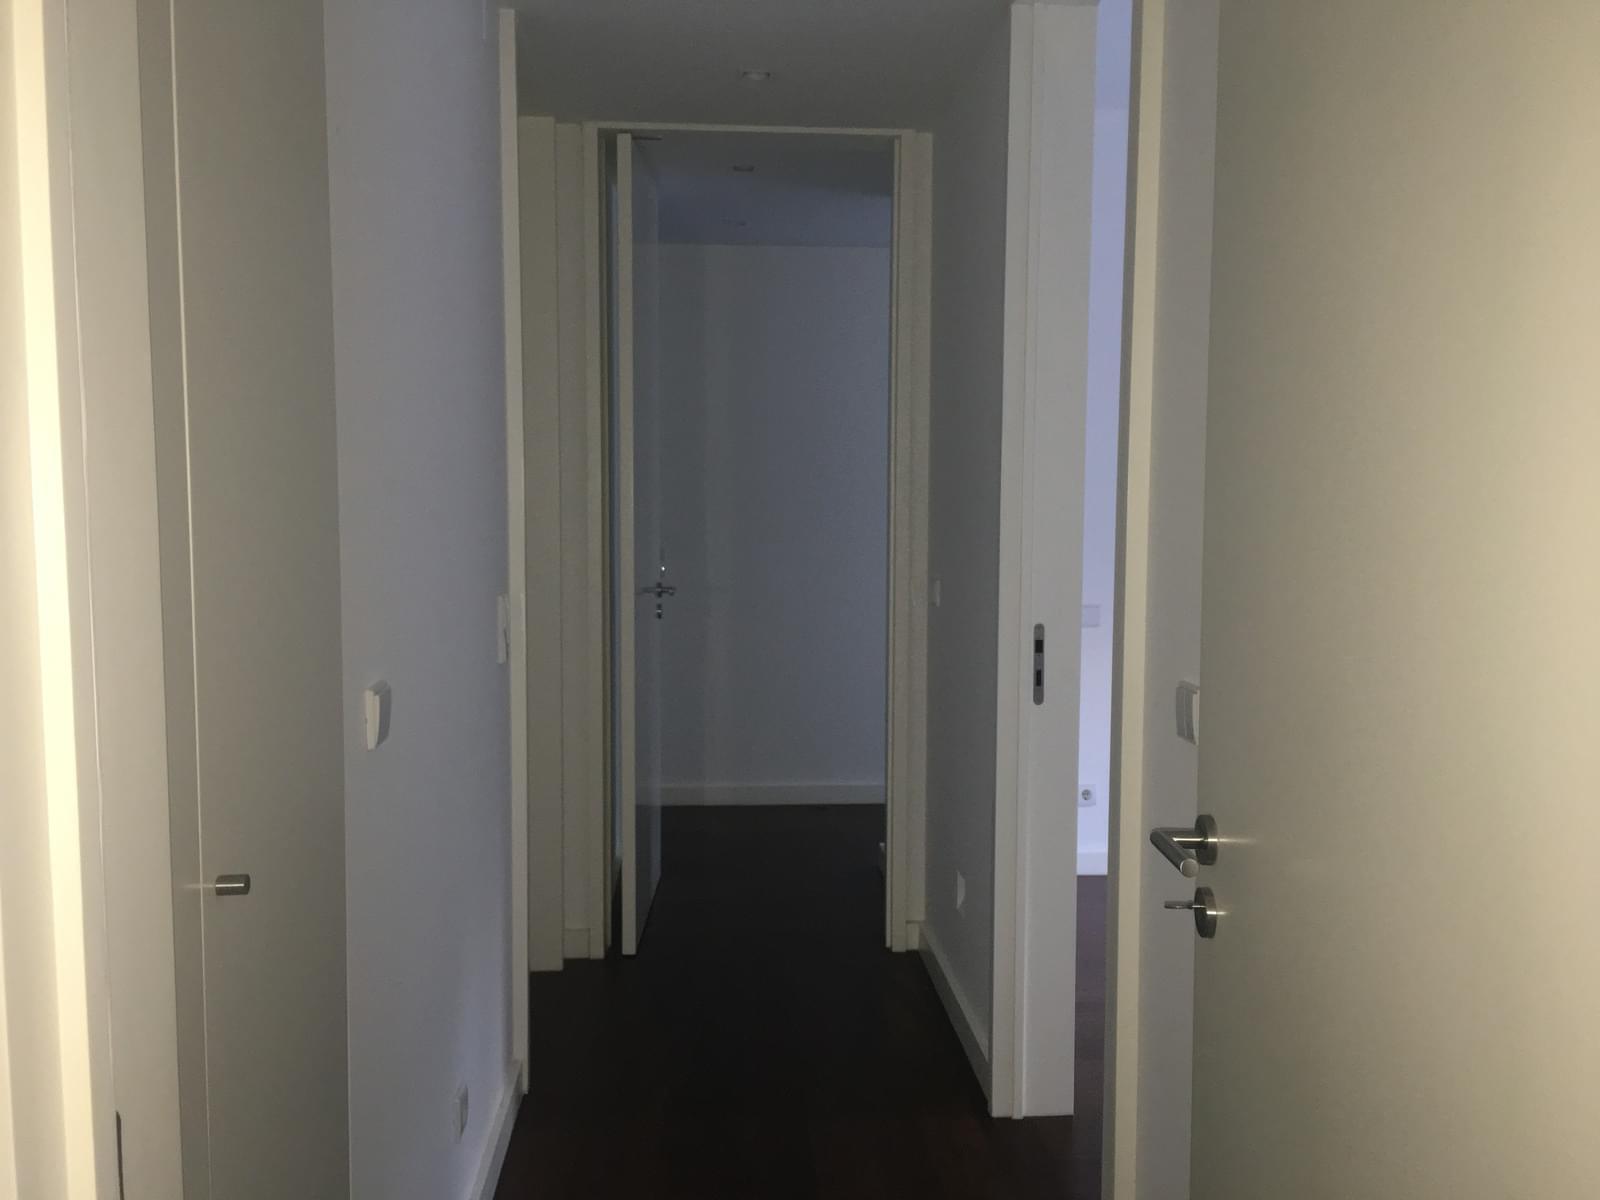 pf17018-apartamento-t2-lisboa-e98771fc-dde7-4d6c-97dd-6b8be9bdfc58